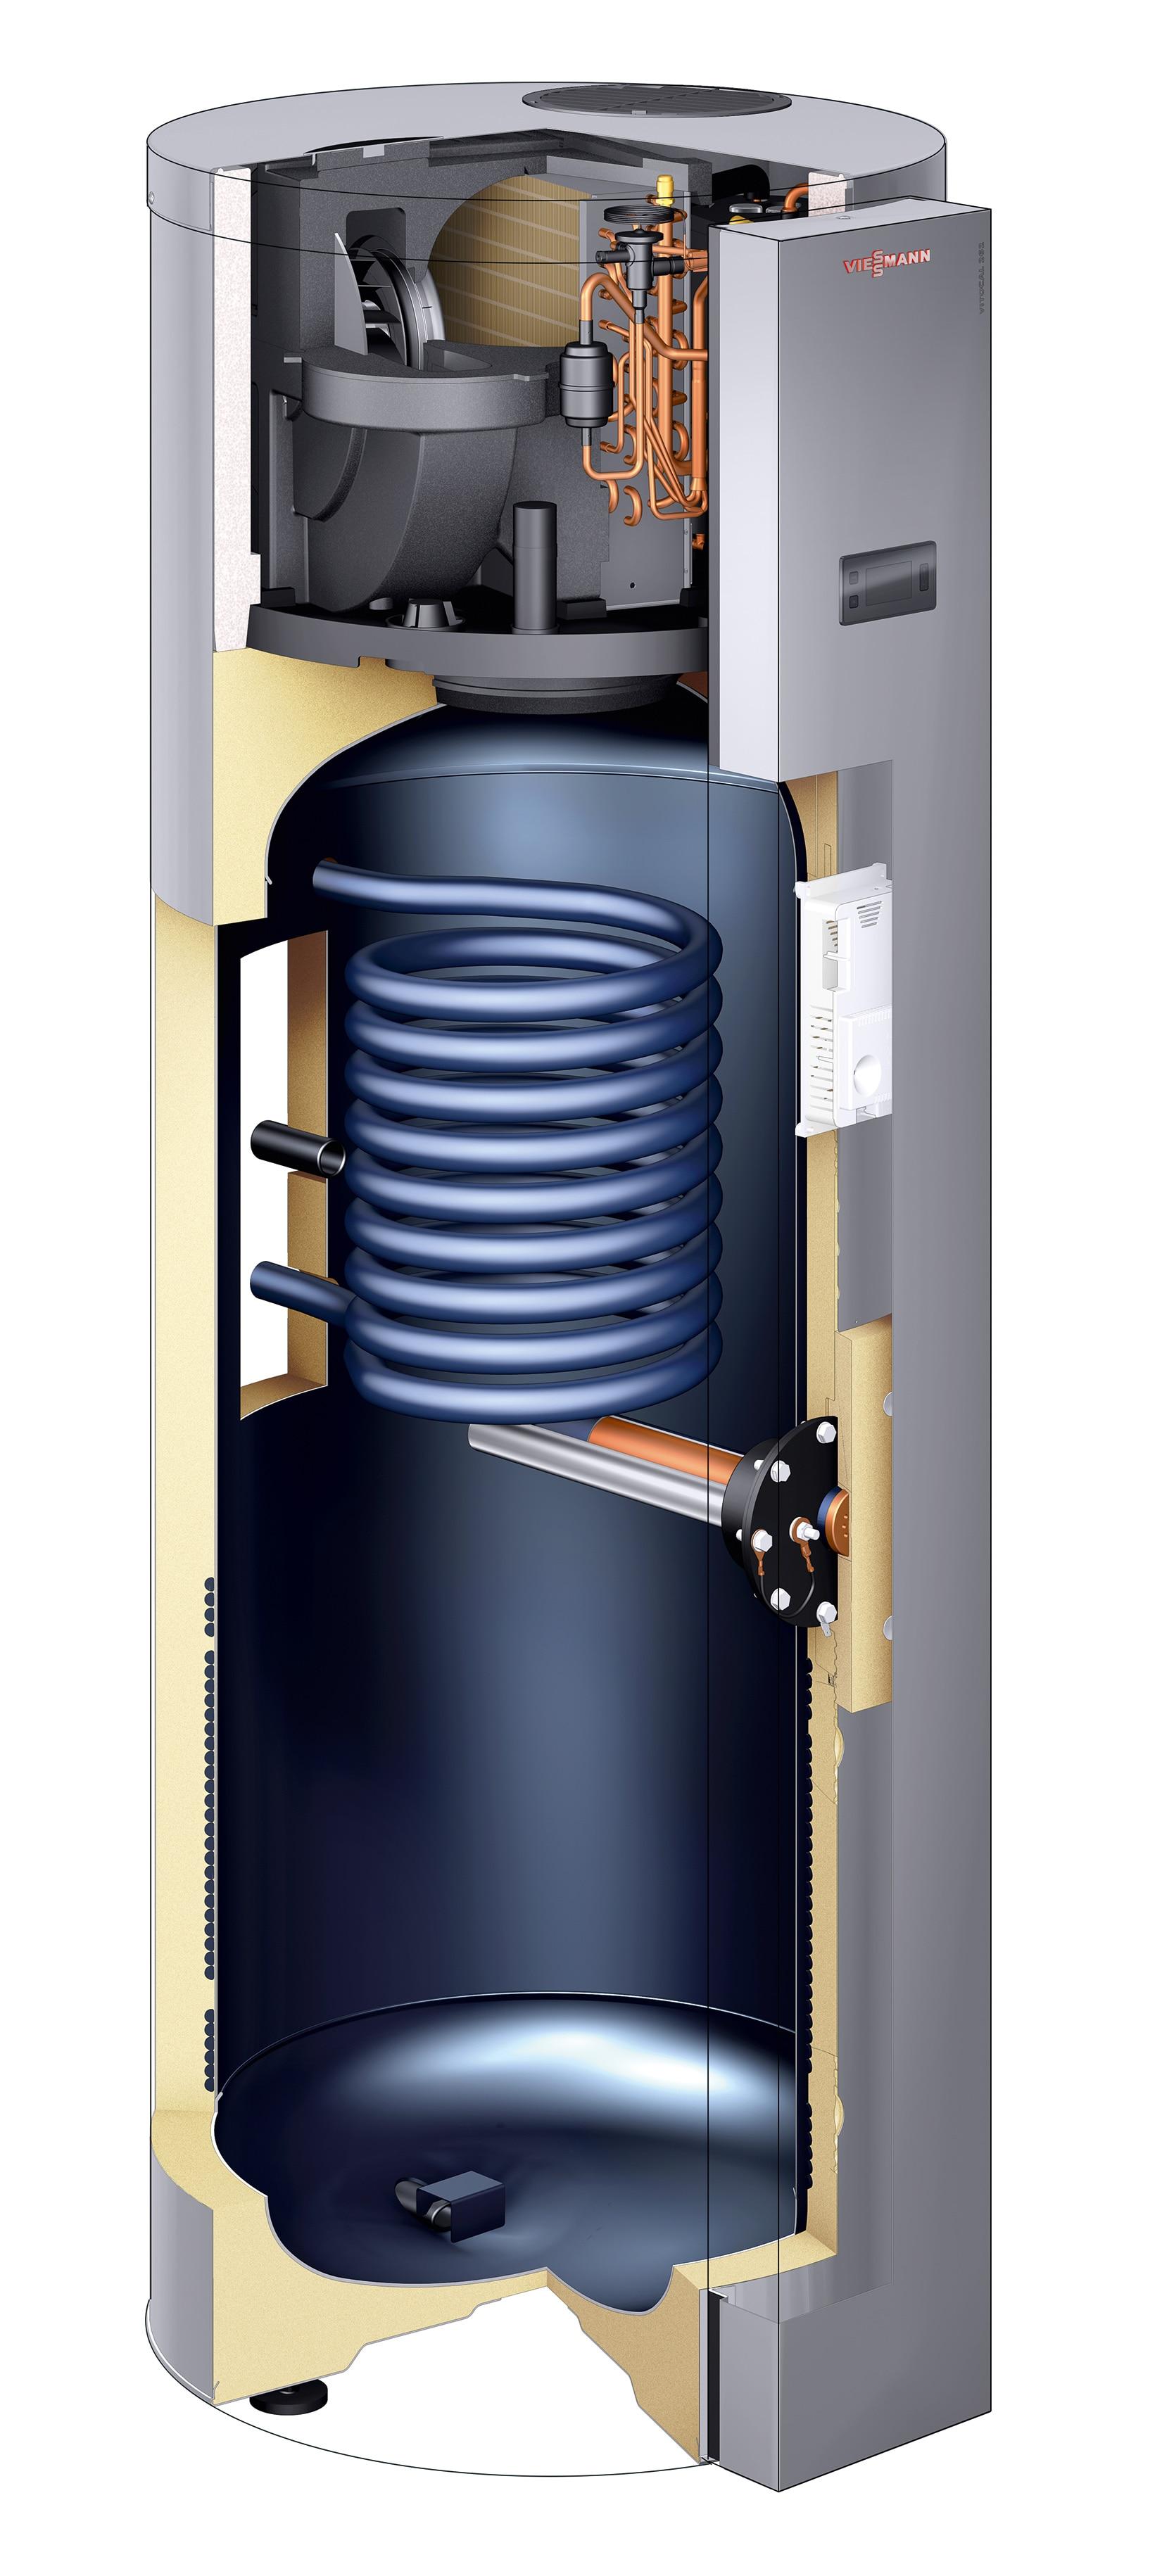 Innovative Warmwasser Warmepumpe Vitocal 262 A Viessmann